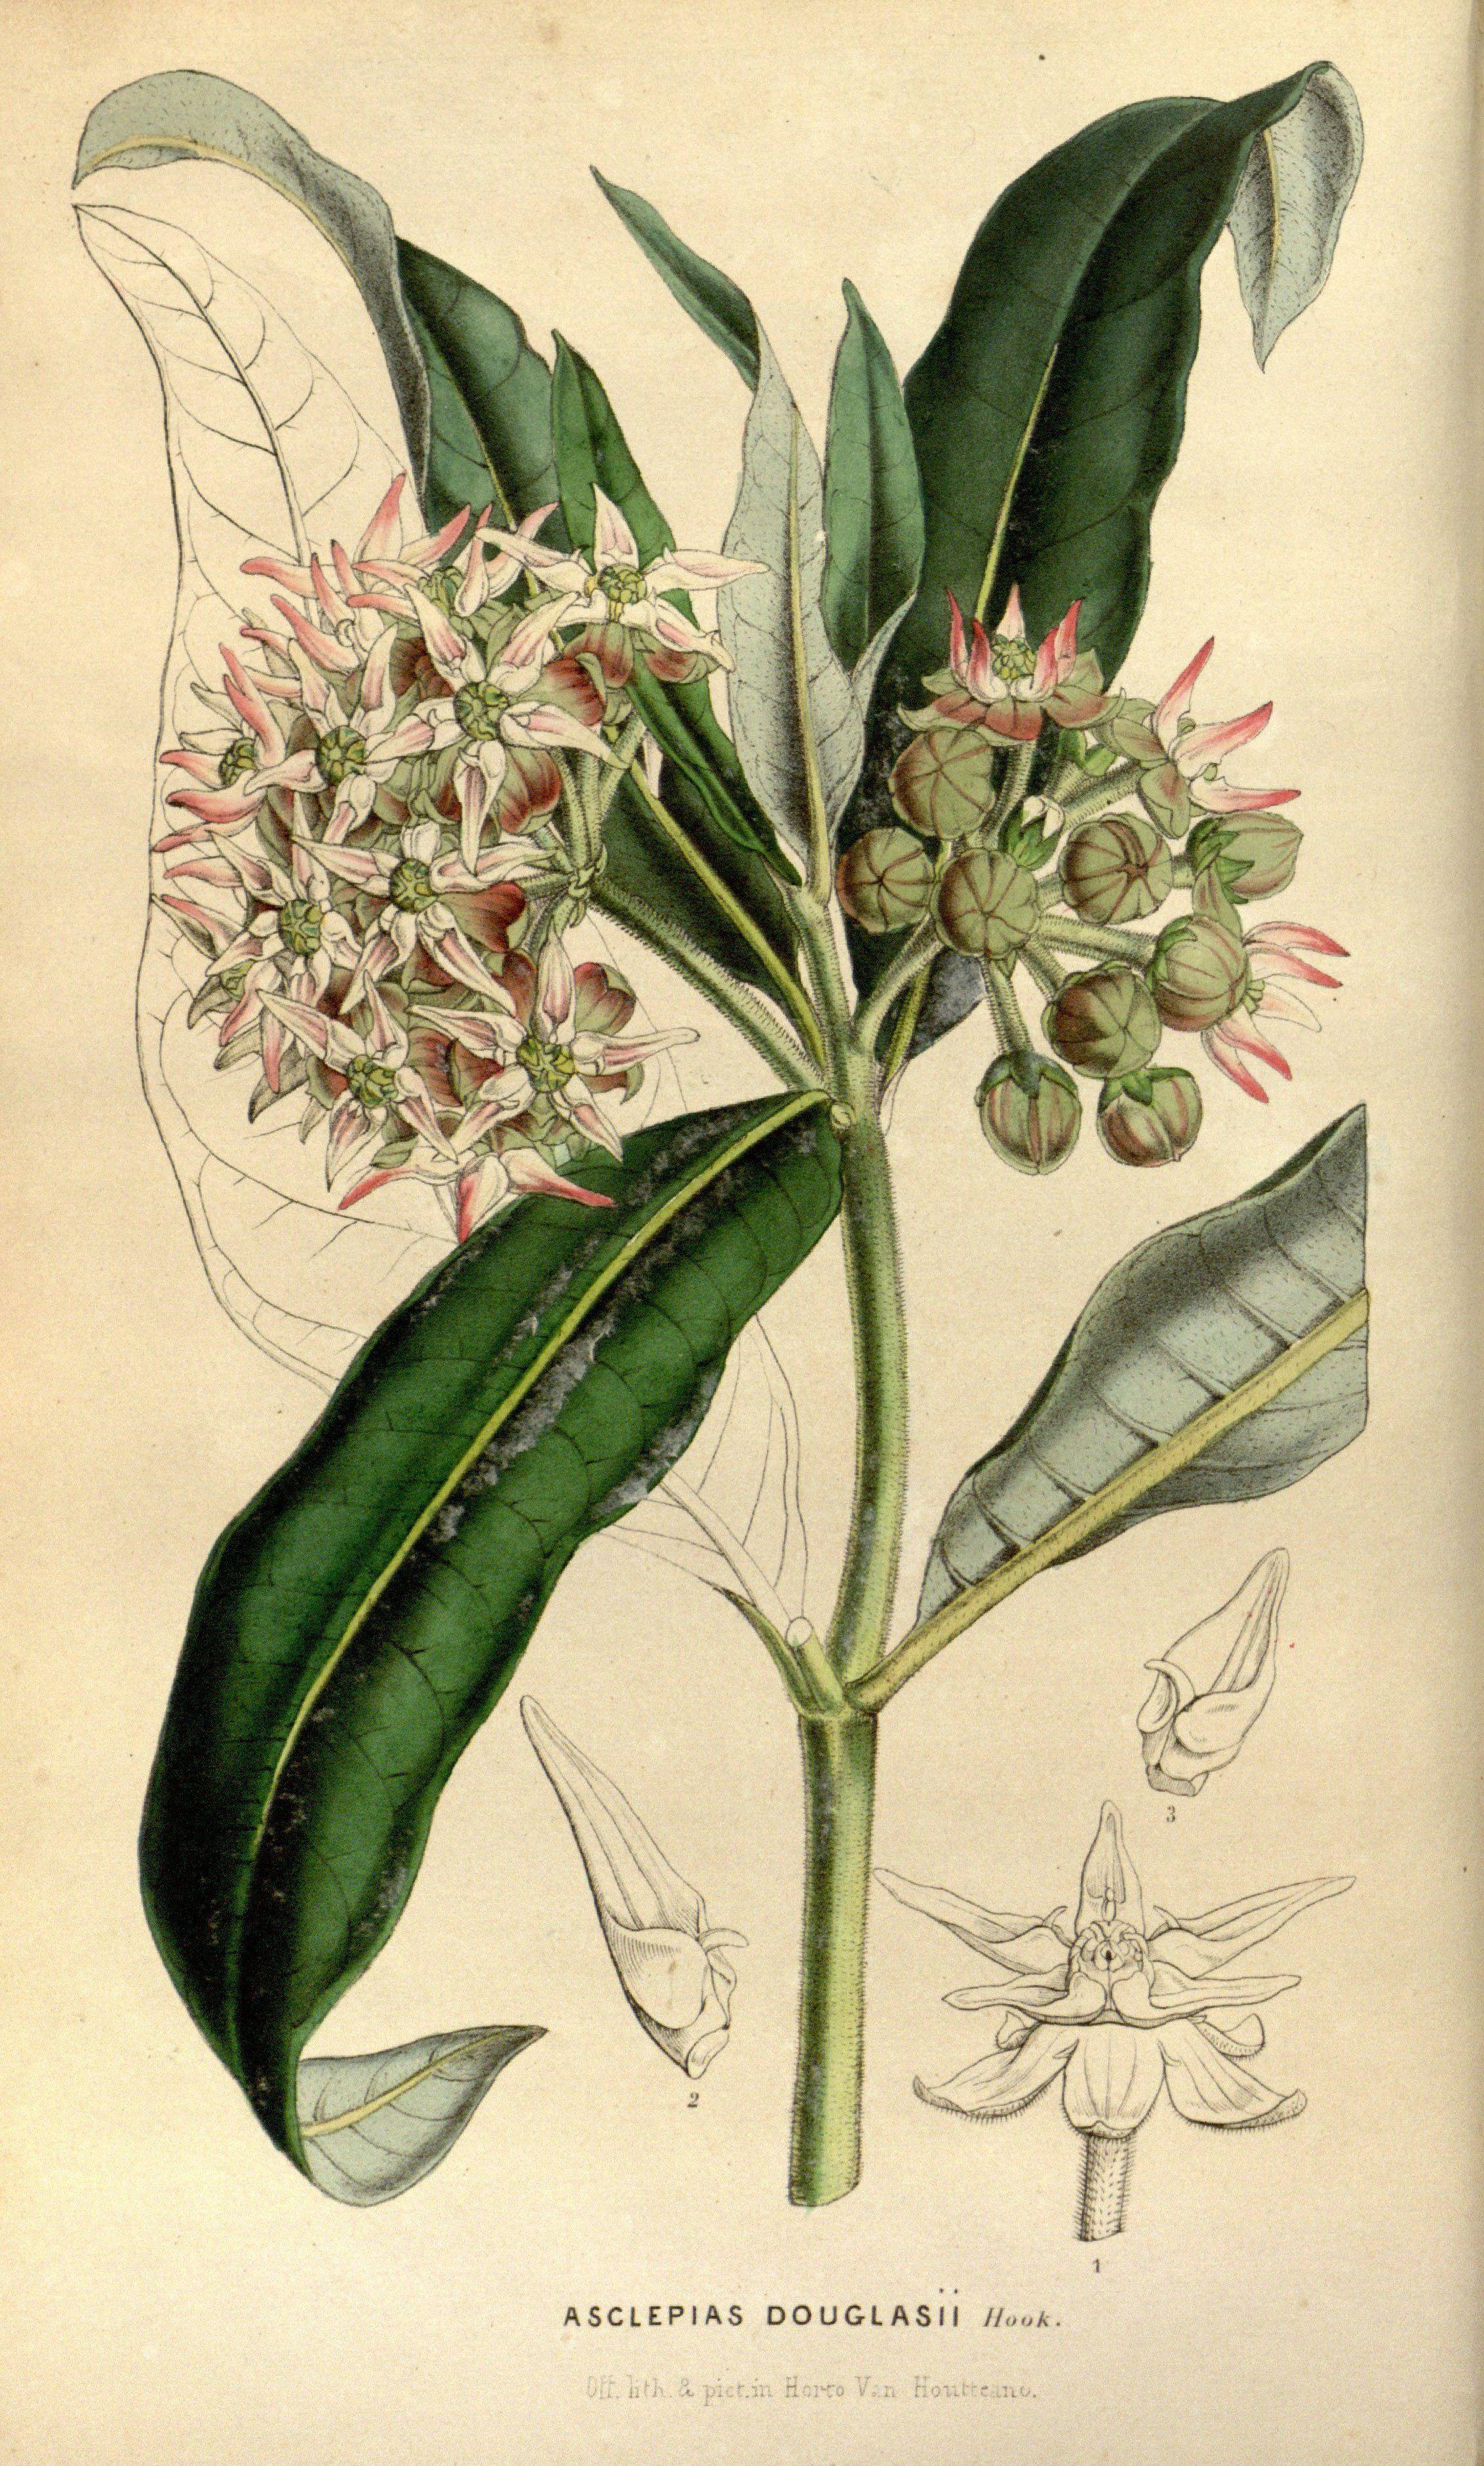 Asclepias speciosa -  Greek Milkweed - circa 1849